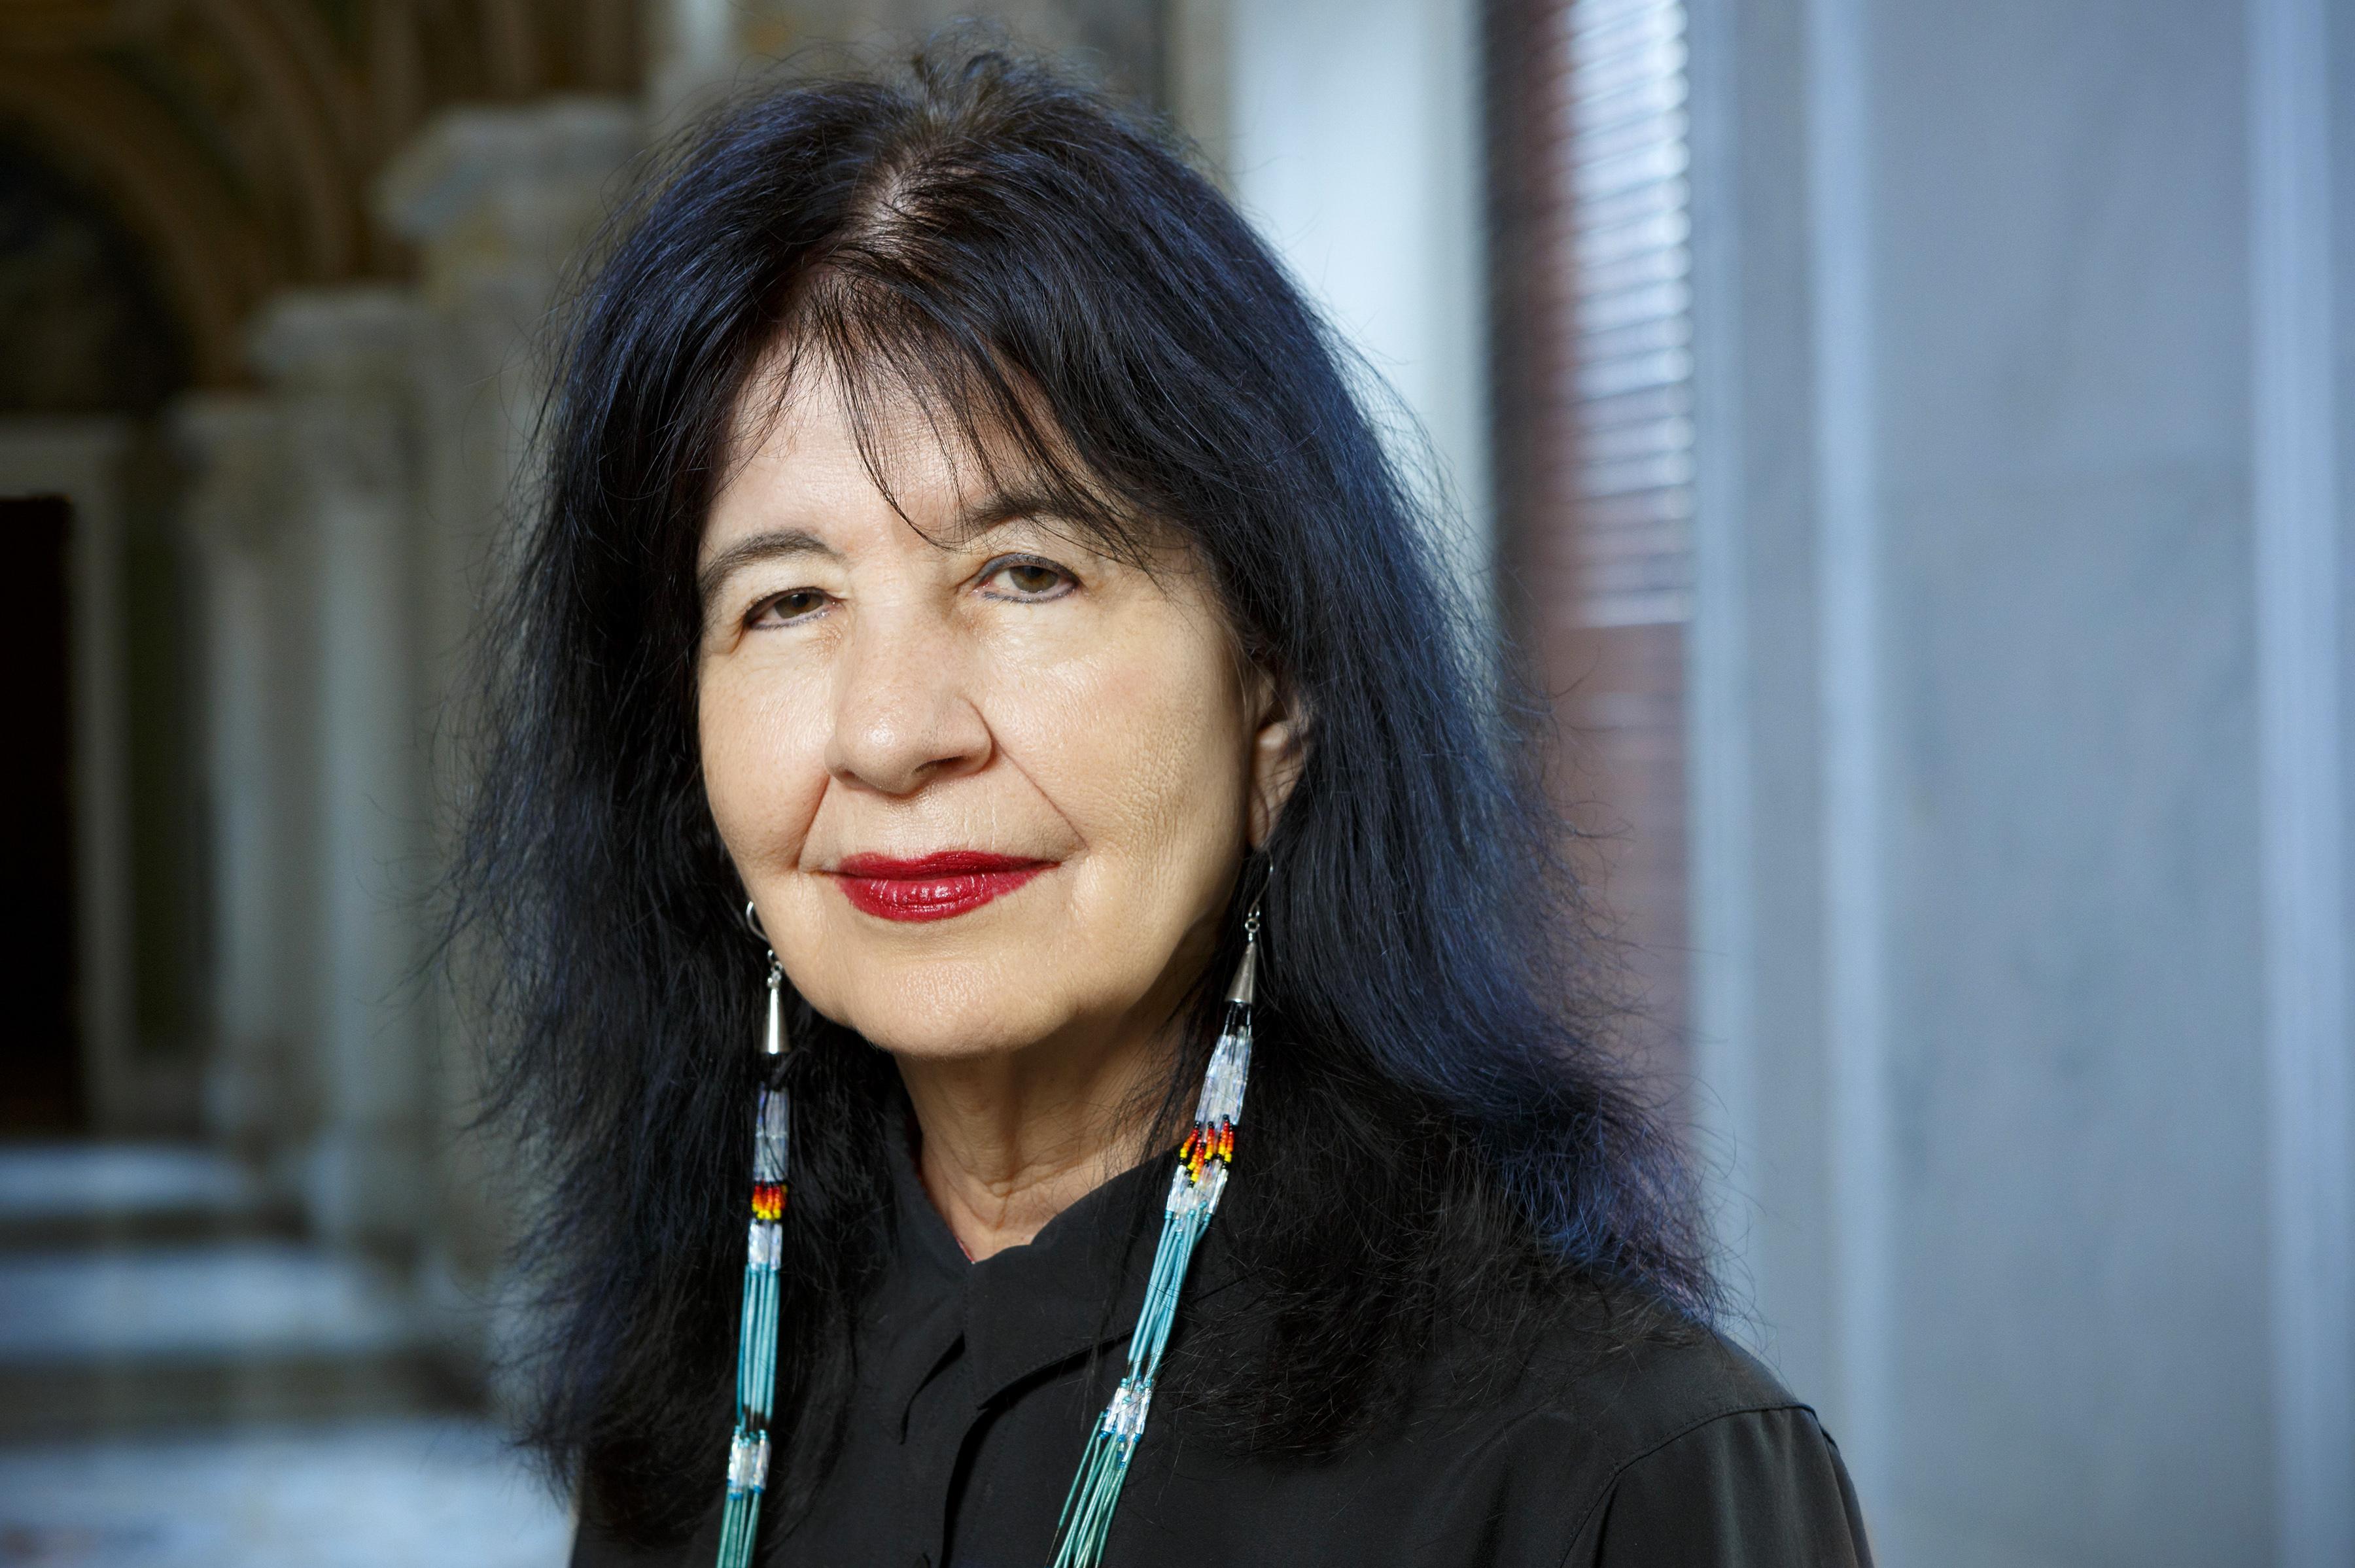 Joy Harjo Becomes The First Native American U.S. Poet Laureate